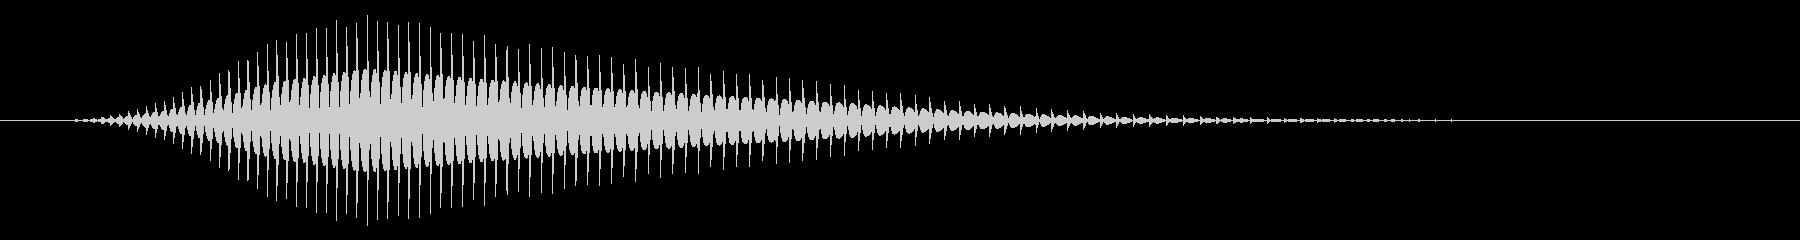 キャンセル/戻る/8ビット系の未再生の波形